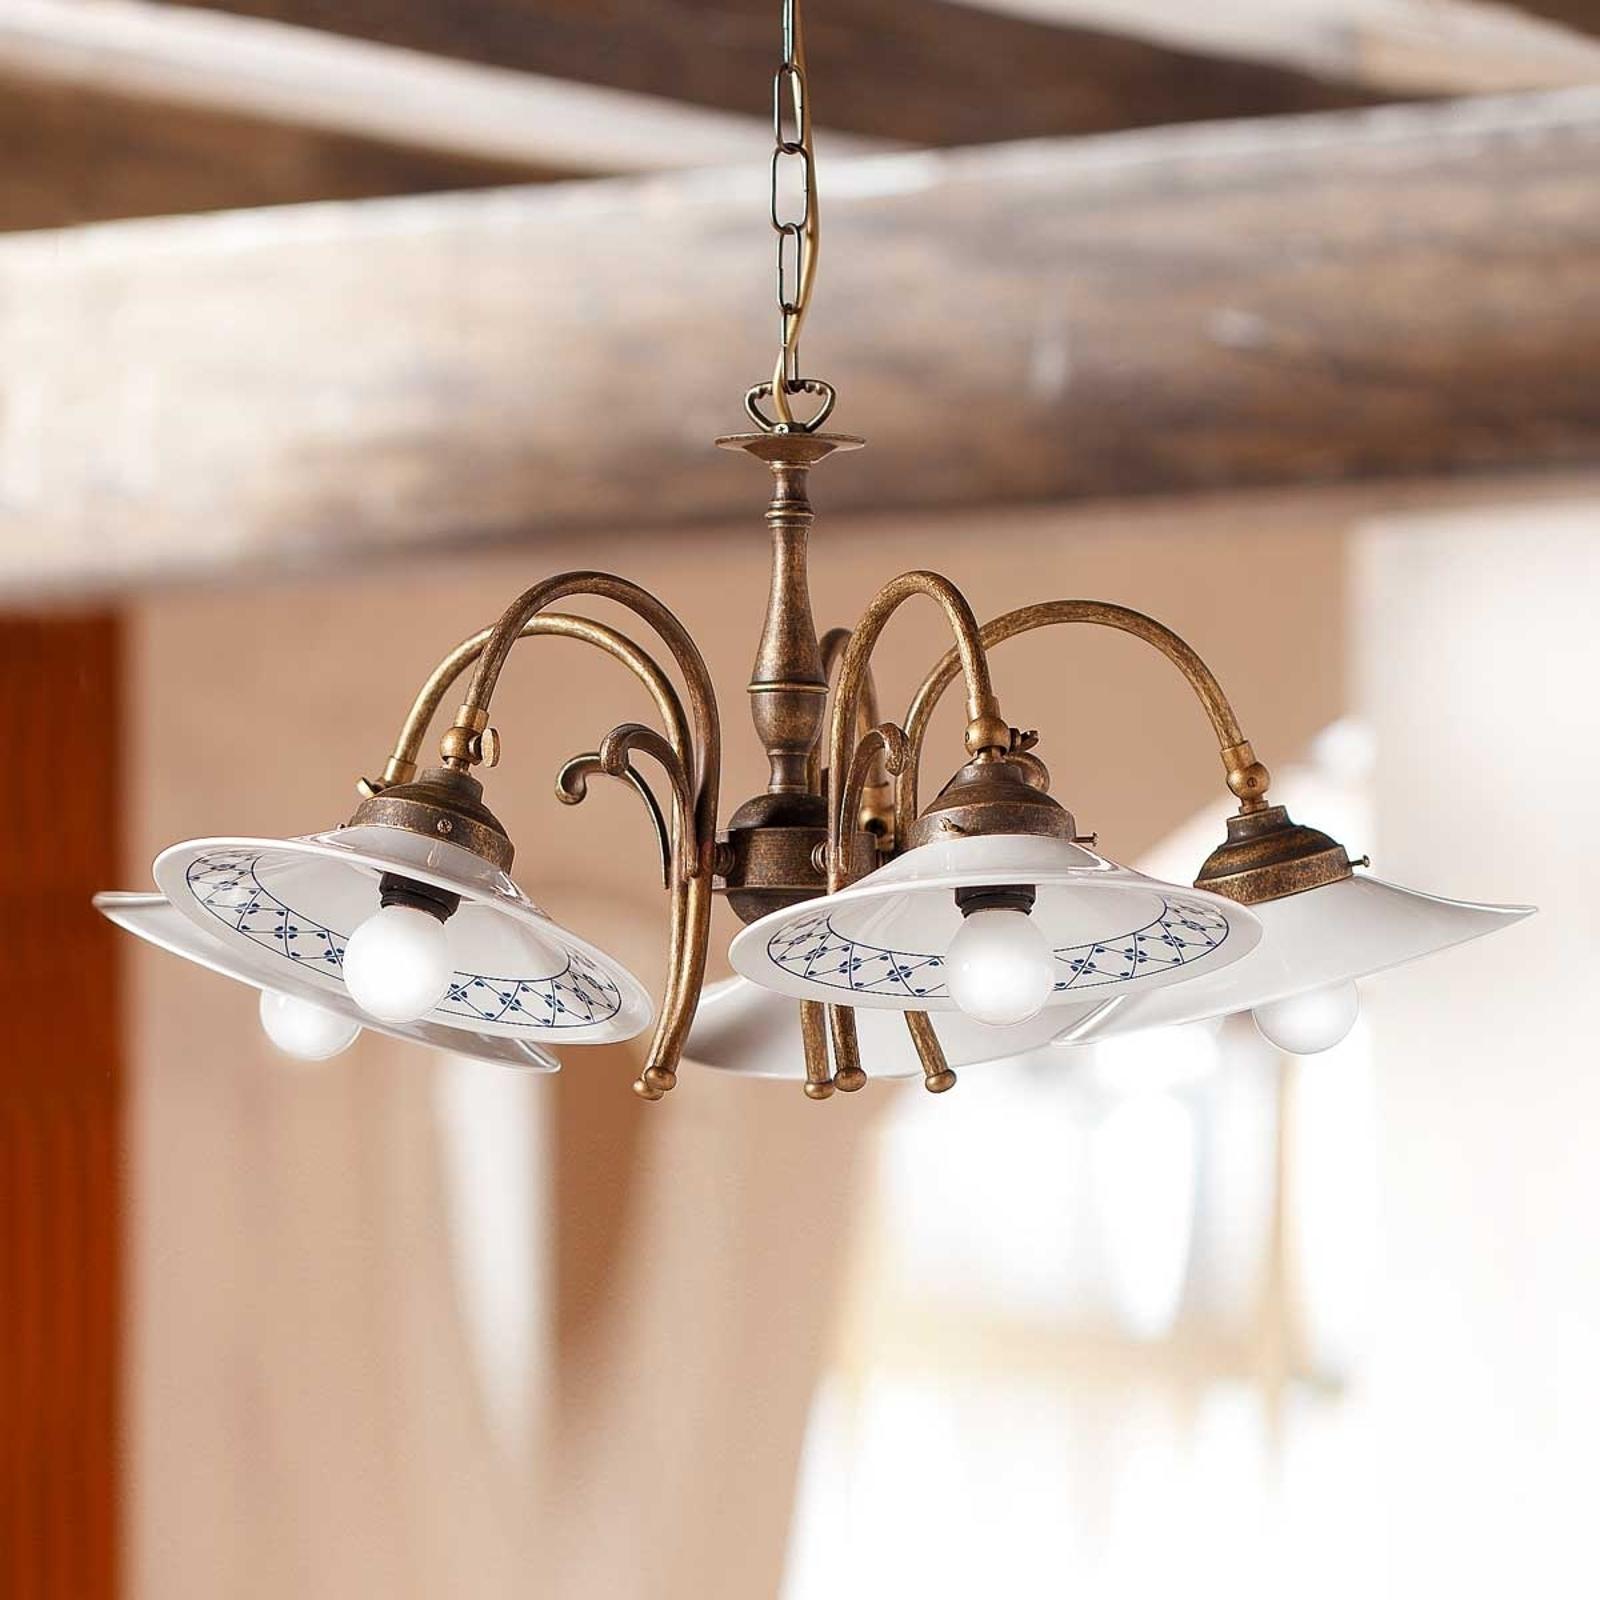 Landlig hængelampe ORLO, med 5 lyskilder